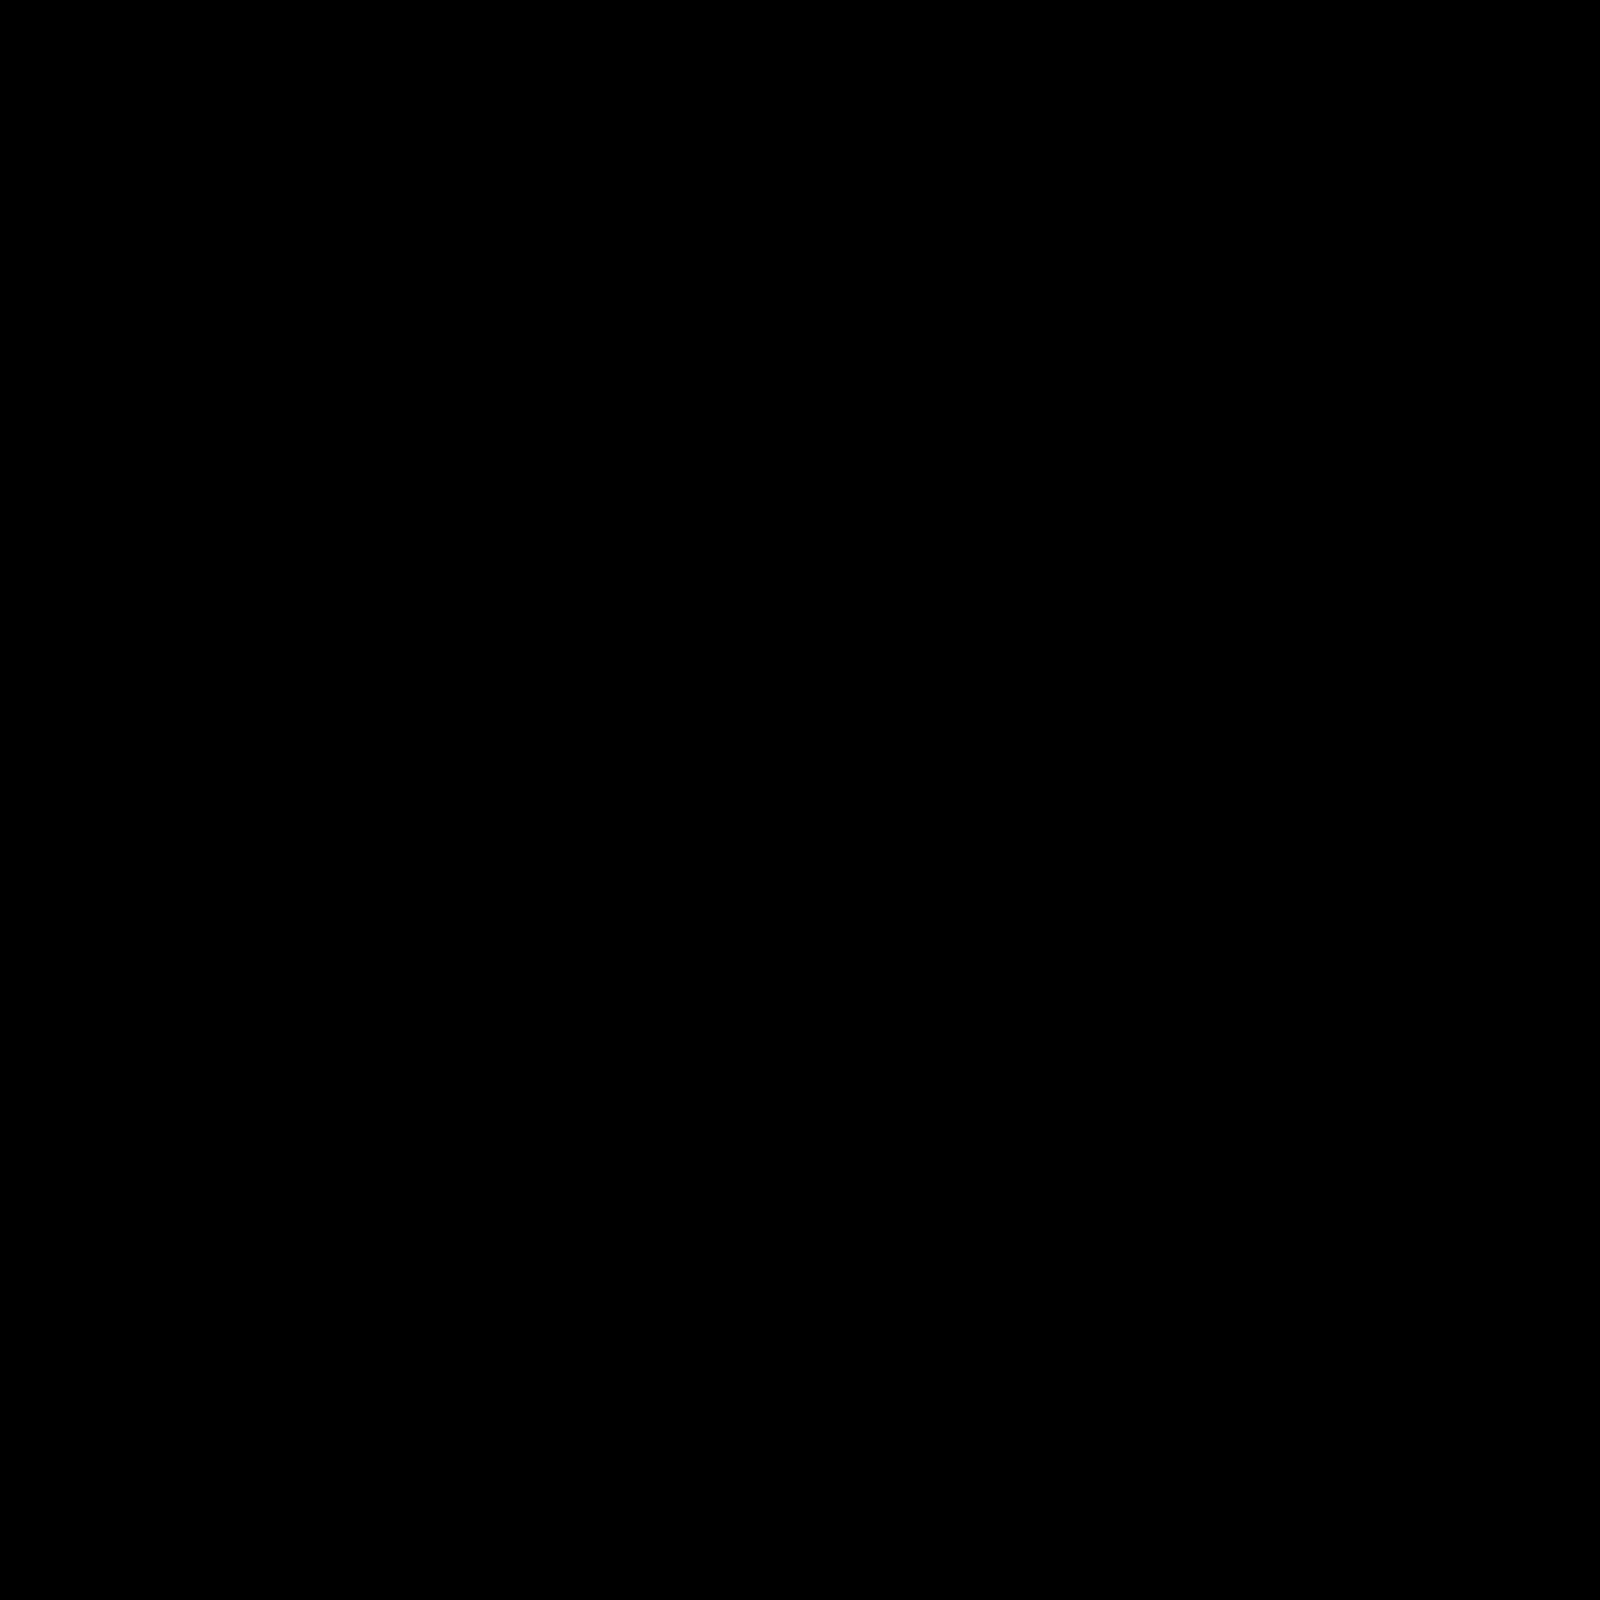 ಹೋಟೆಲ್ ಮಯೂರ ಸಂಗಮ ಮೇಕೆದಾಟು